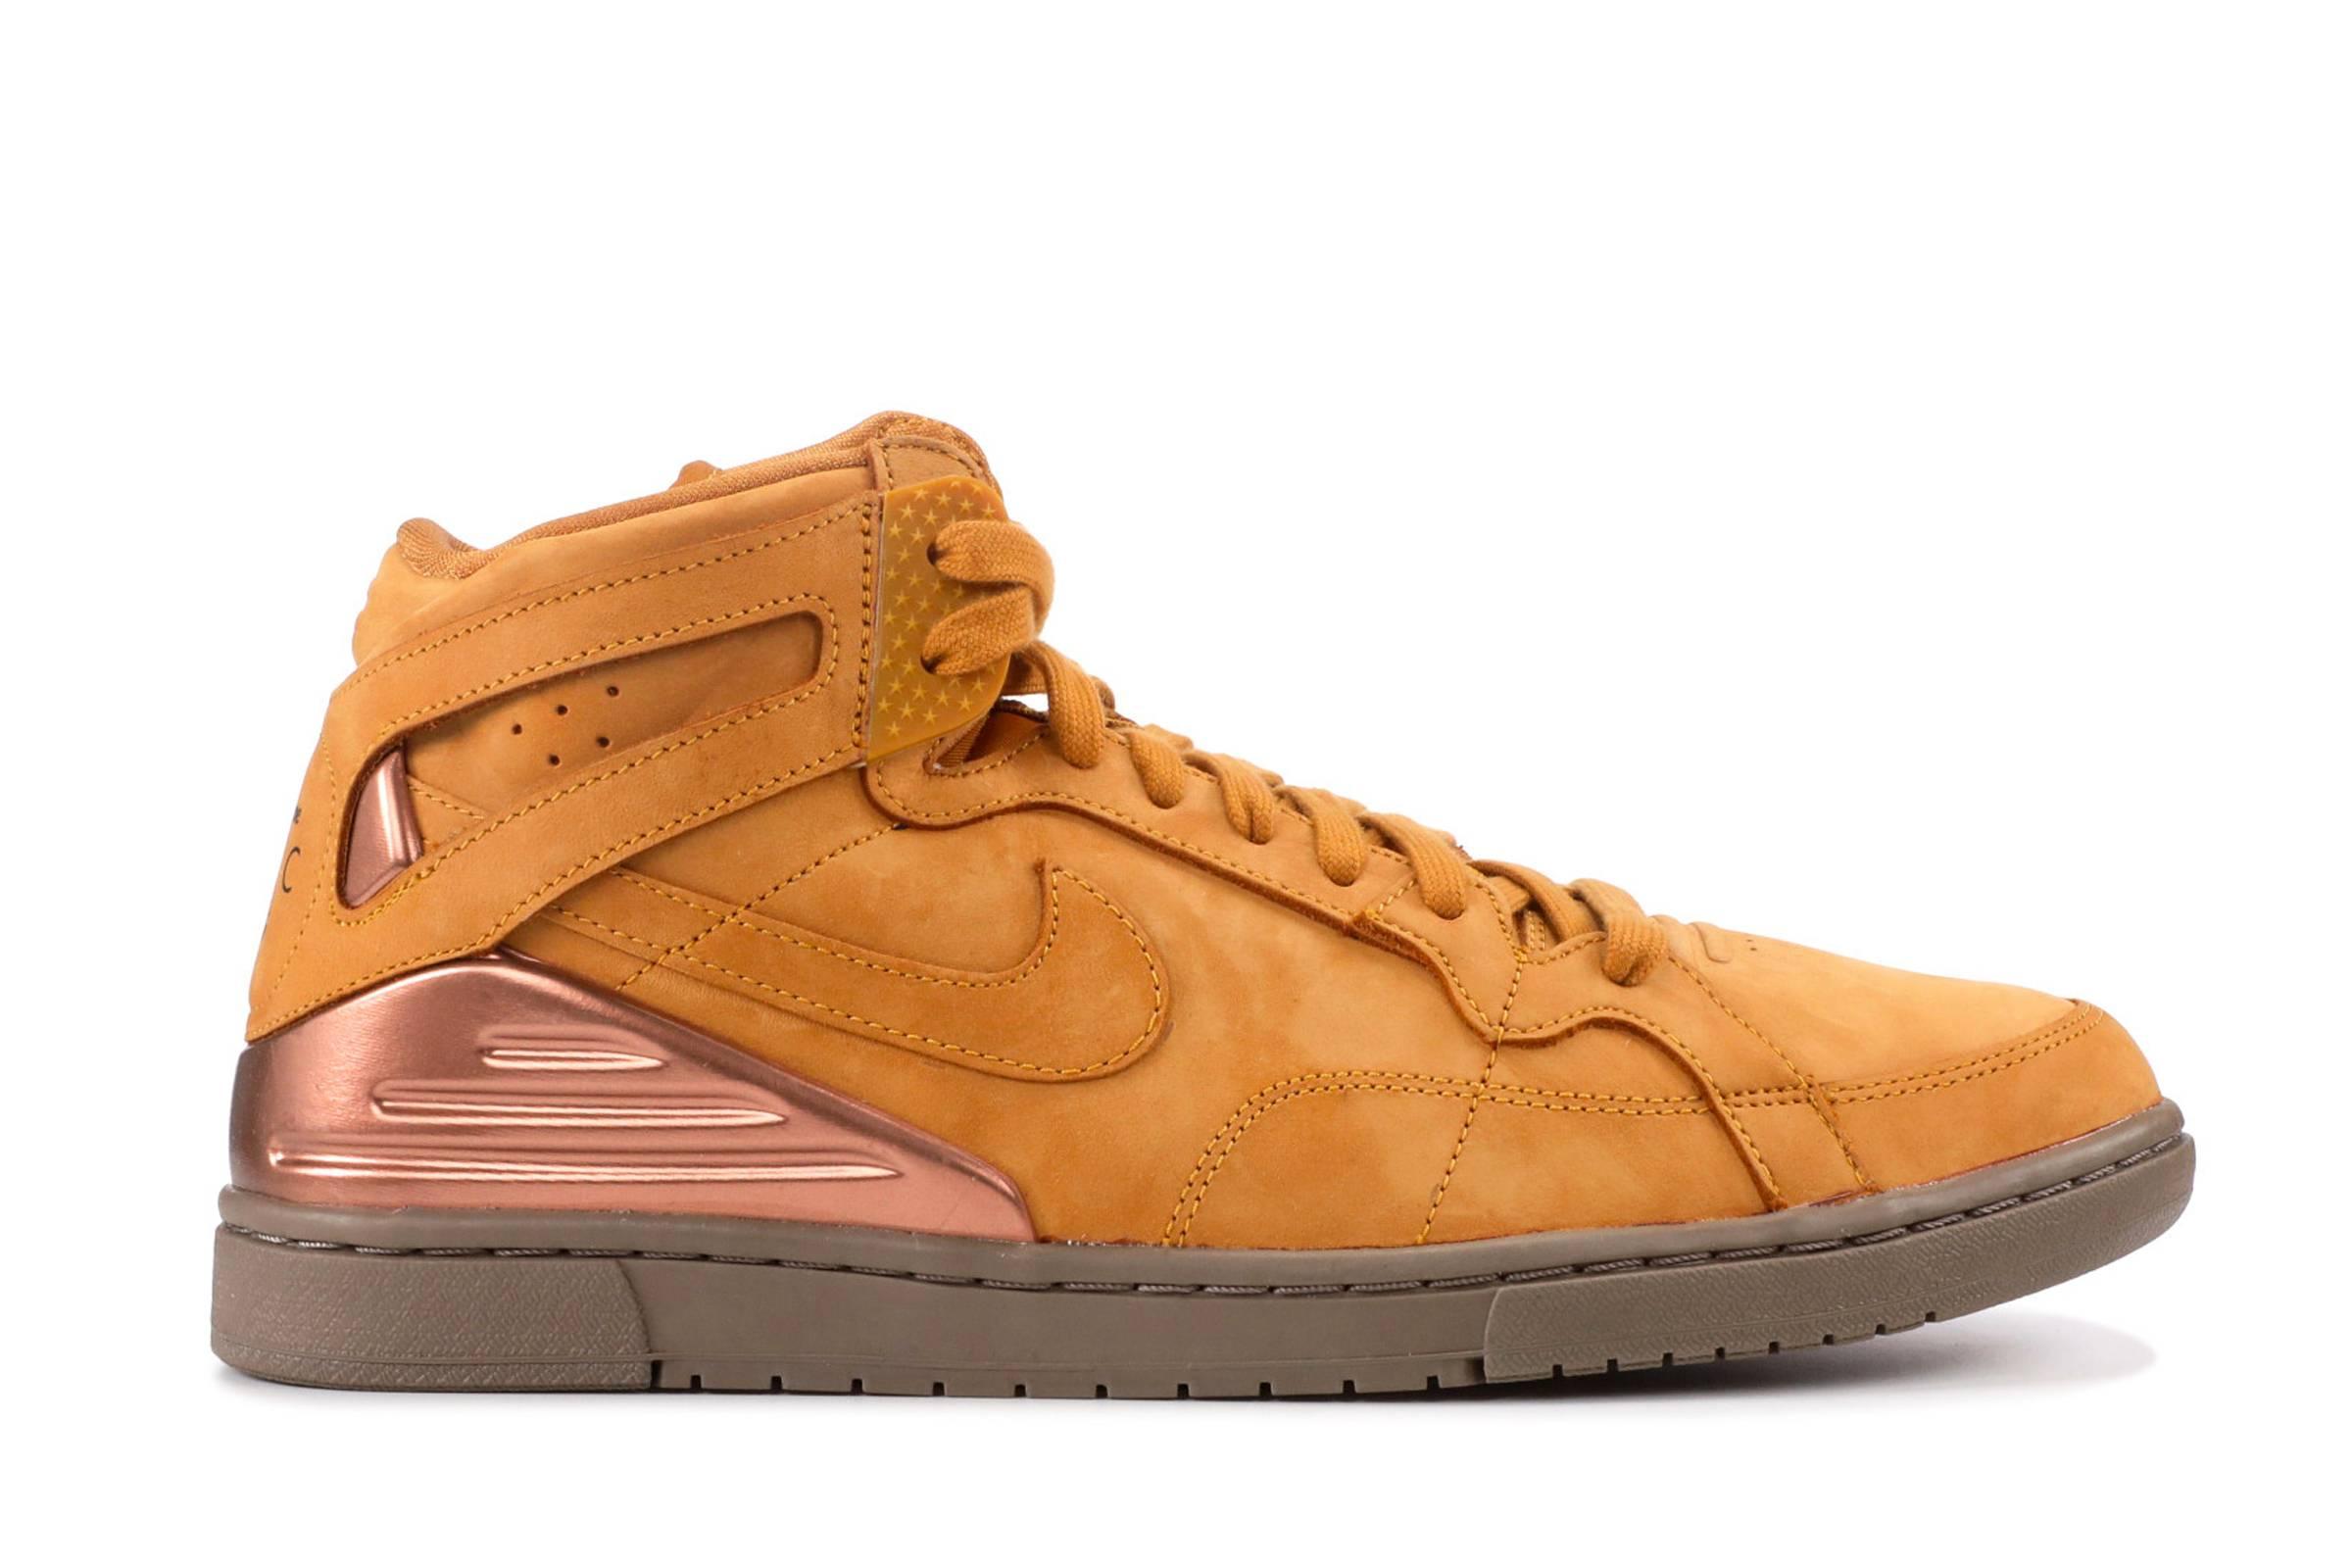 Supreme x Nike SB 94 - 2nd Release (2011)